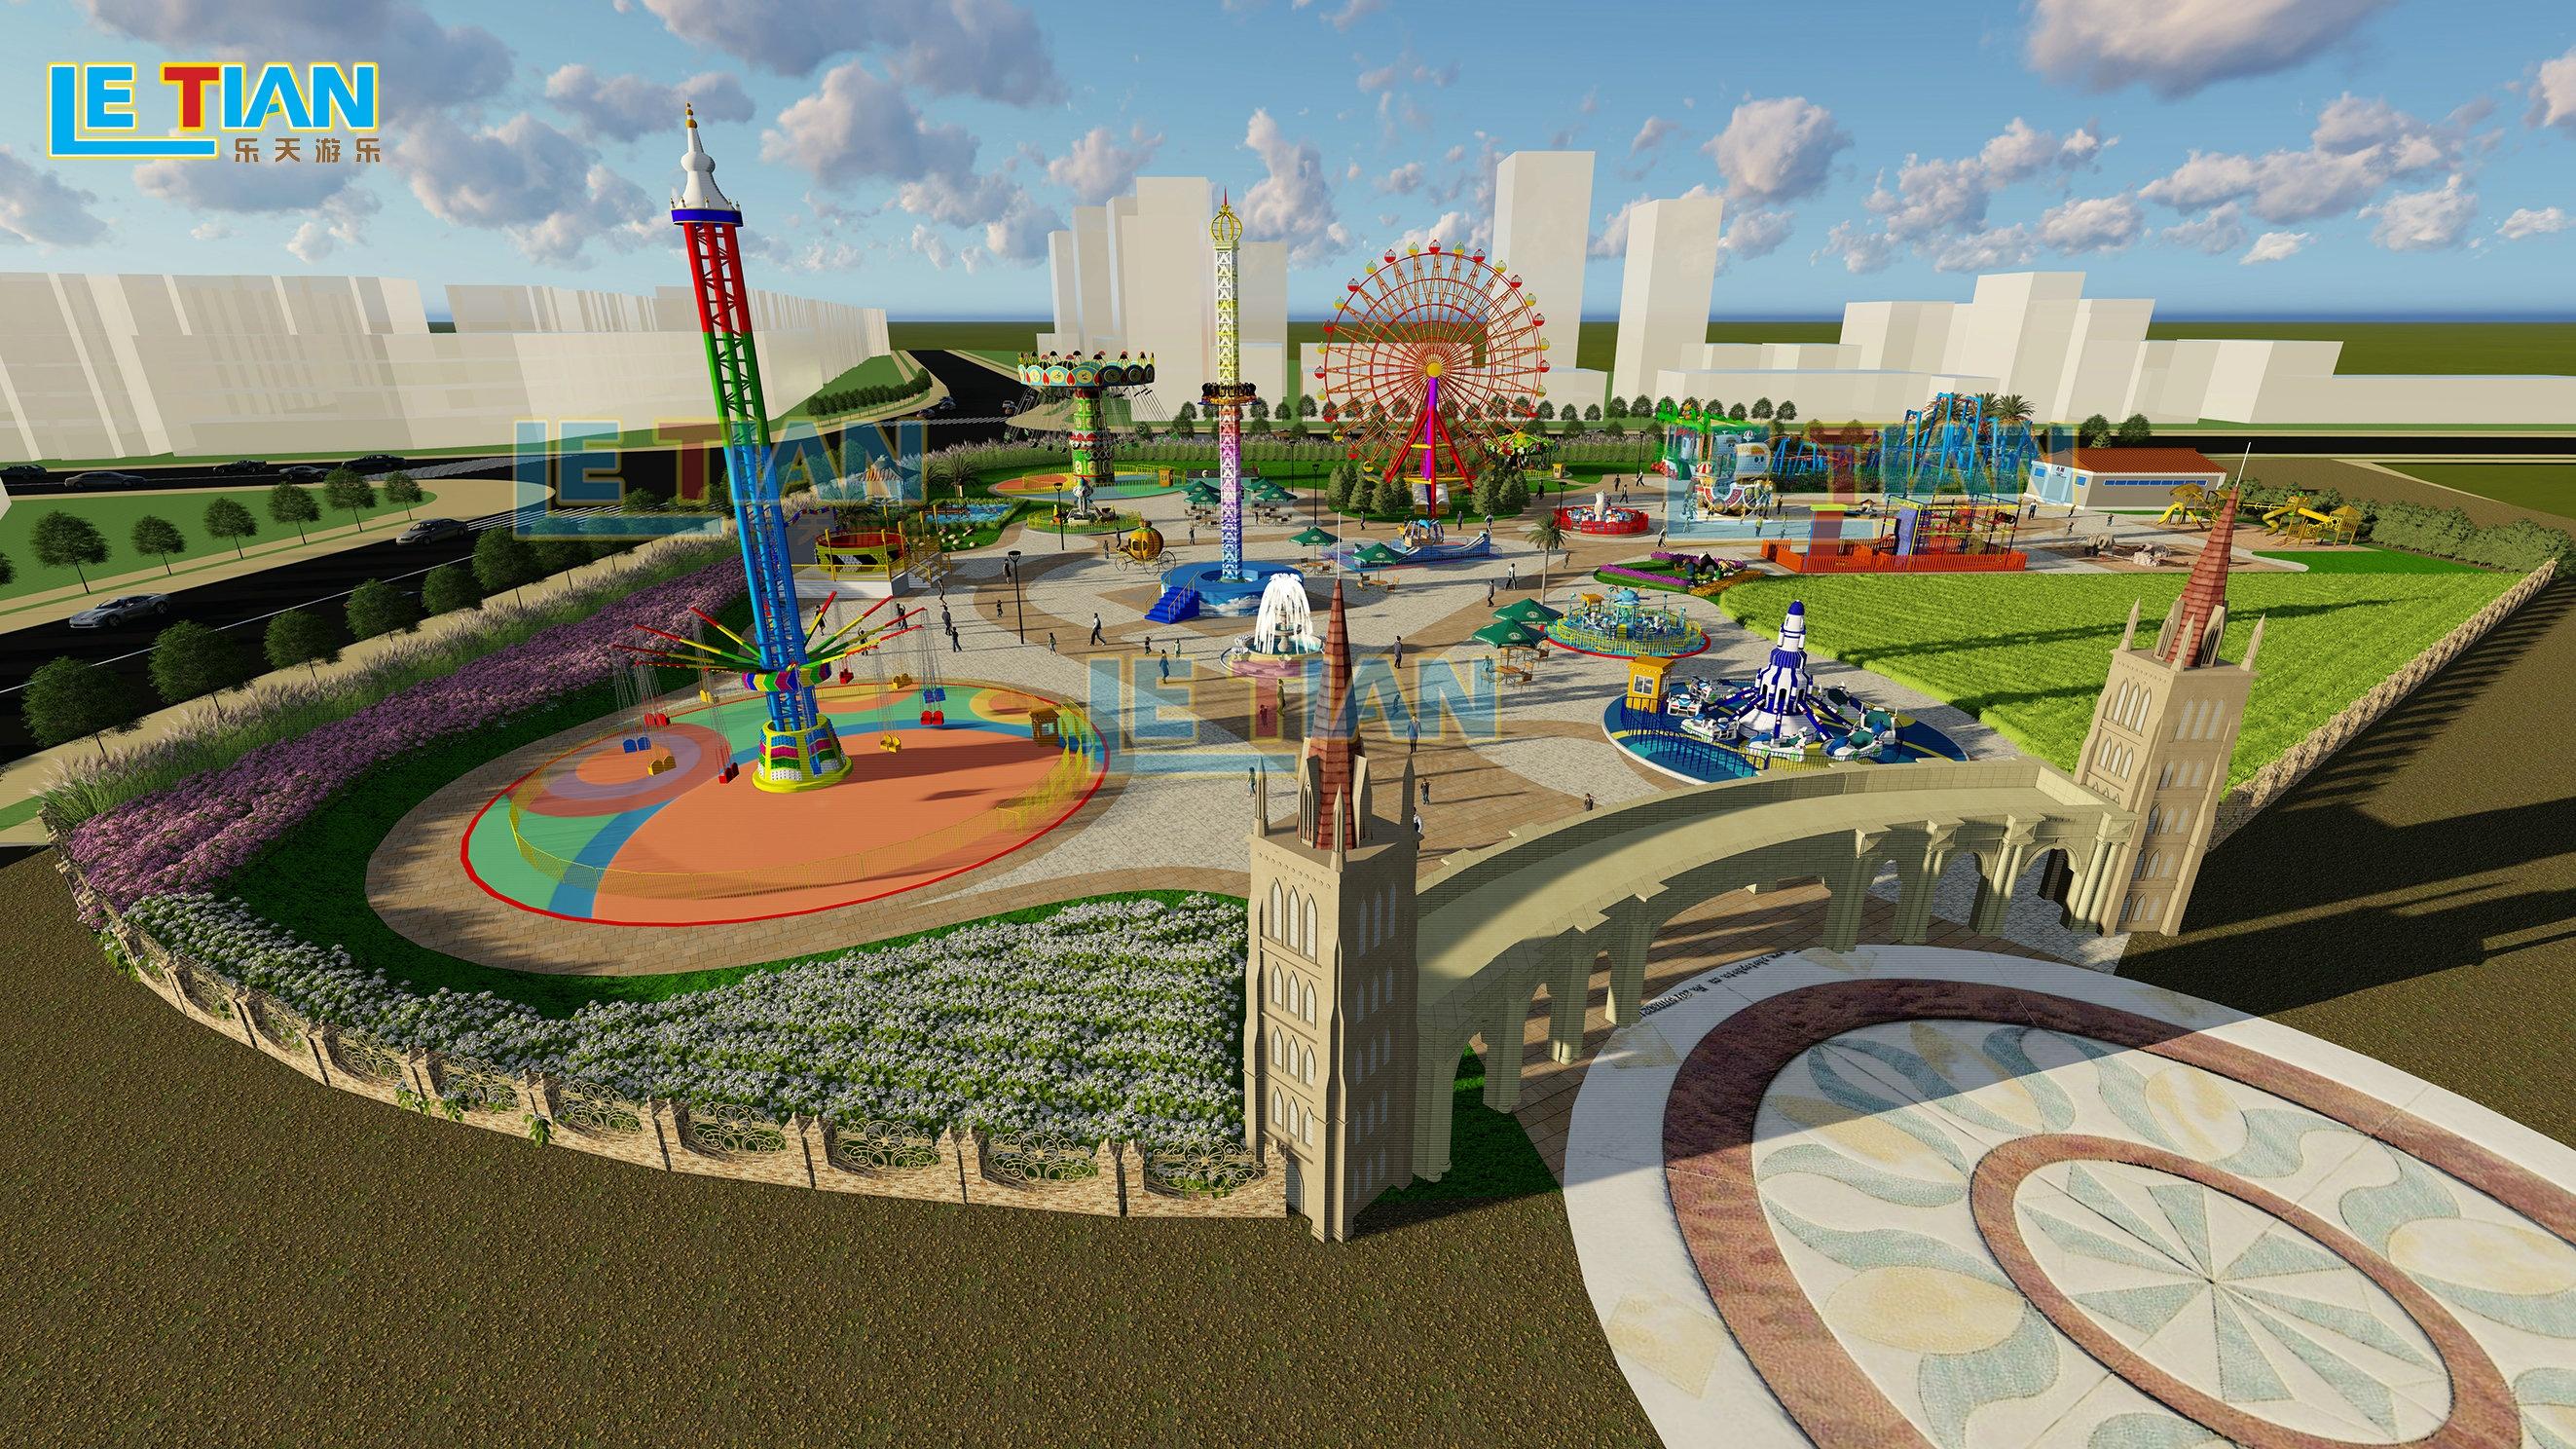 Professionelle und praktische spielplatz planung und design Park planung und design für verkauf